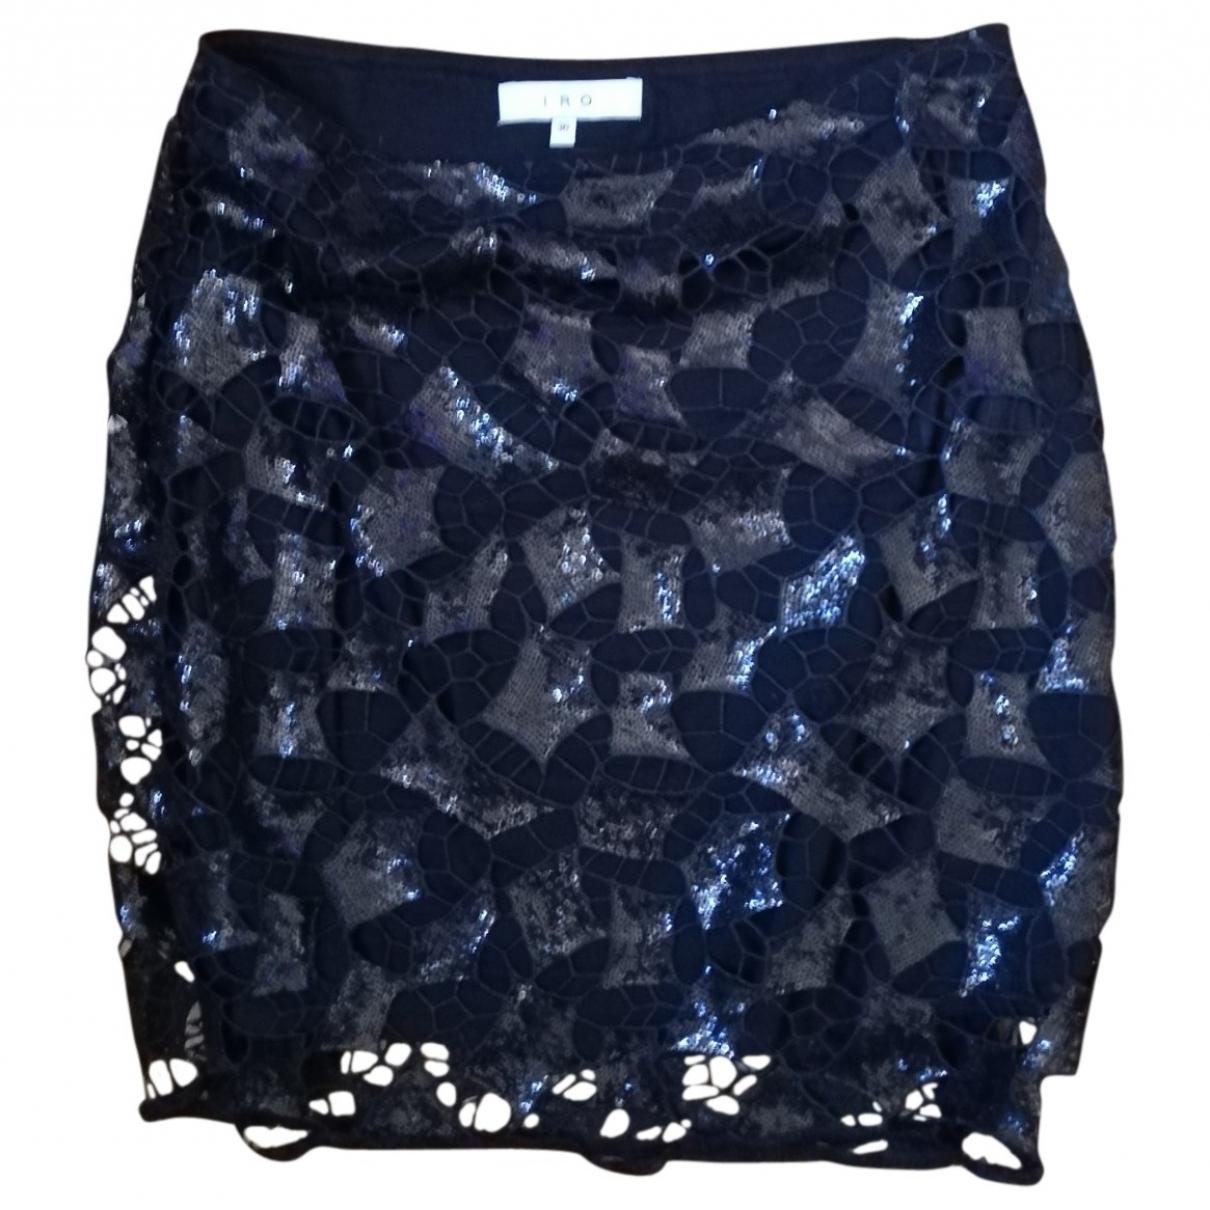 Iro \N Black Glitter skirt for Women 36 FR